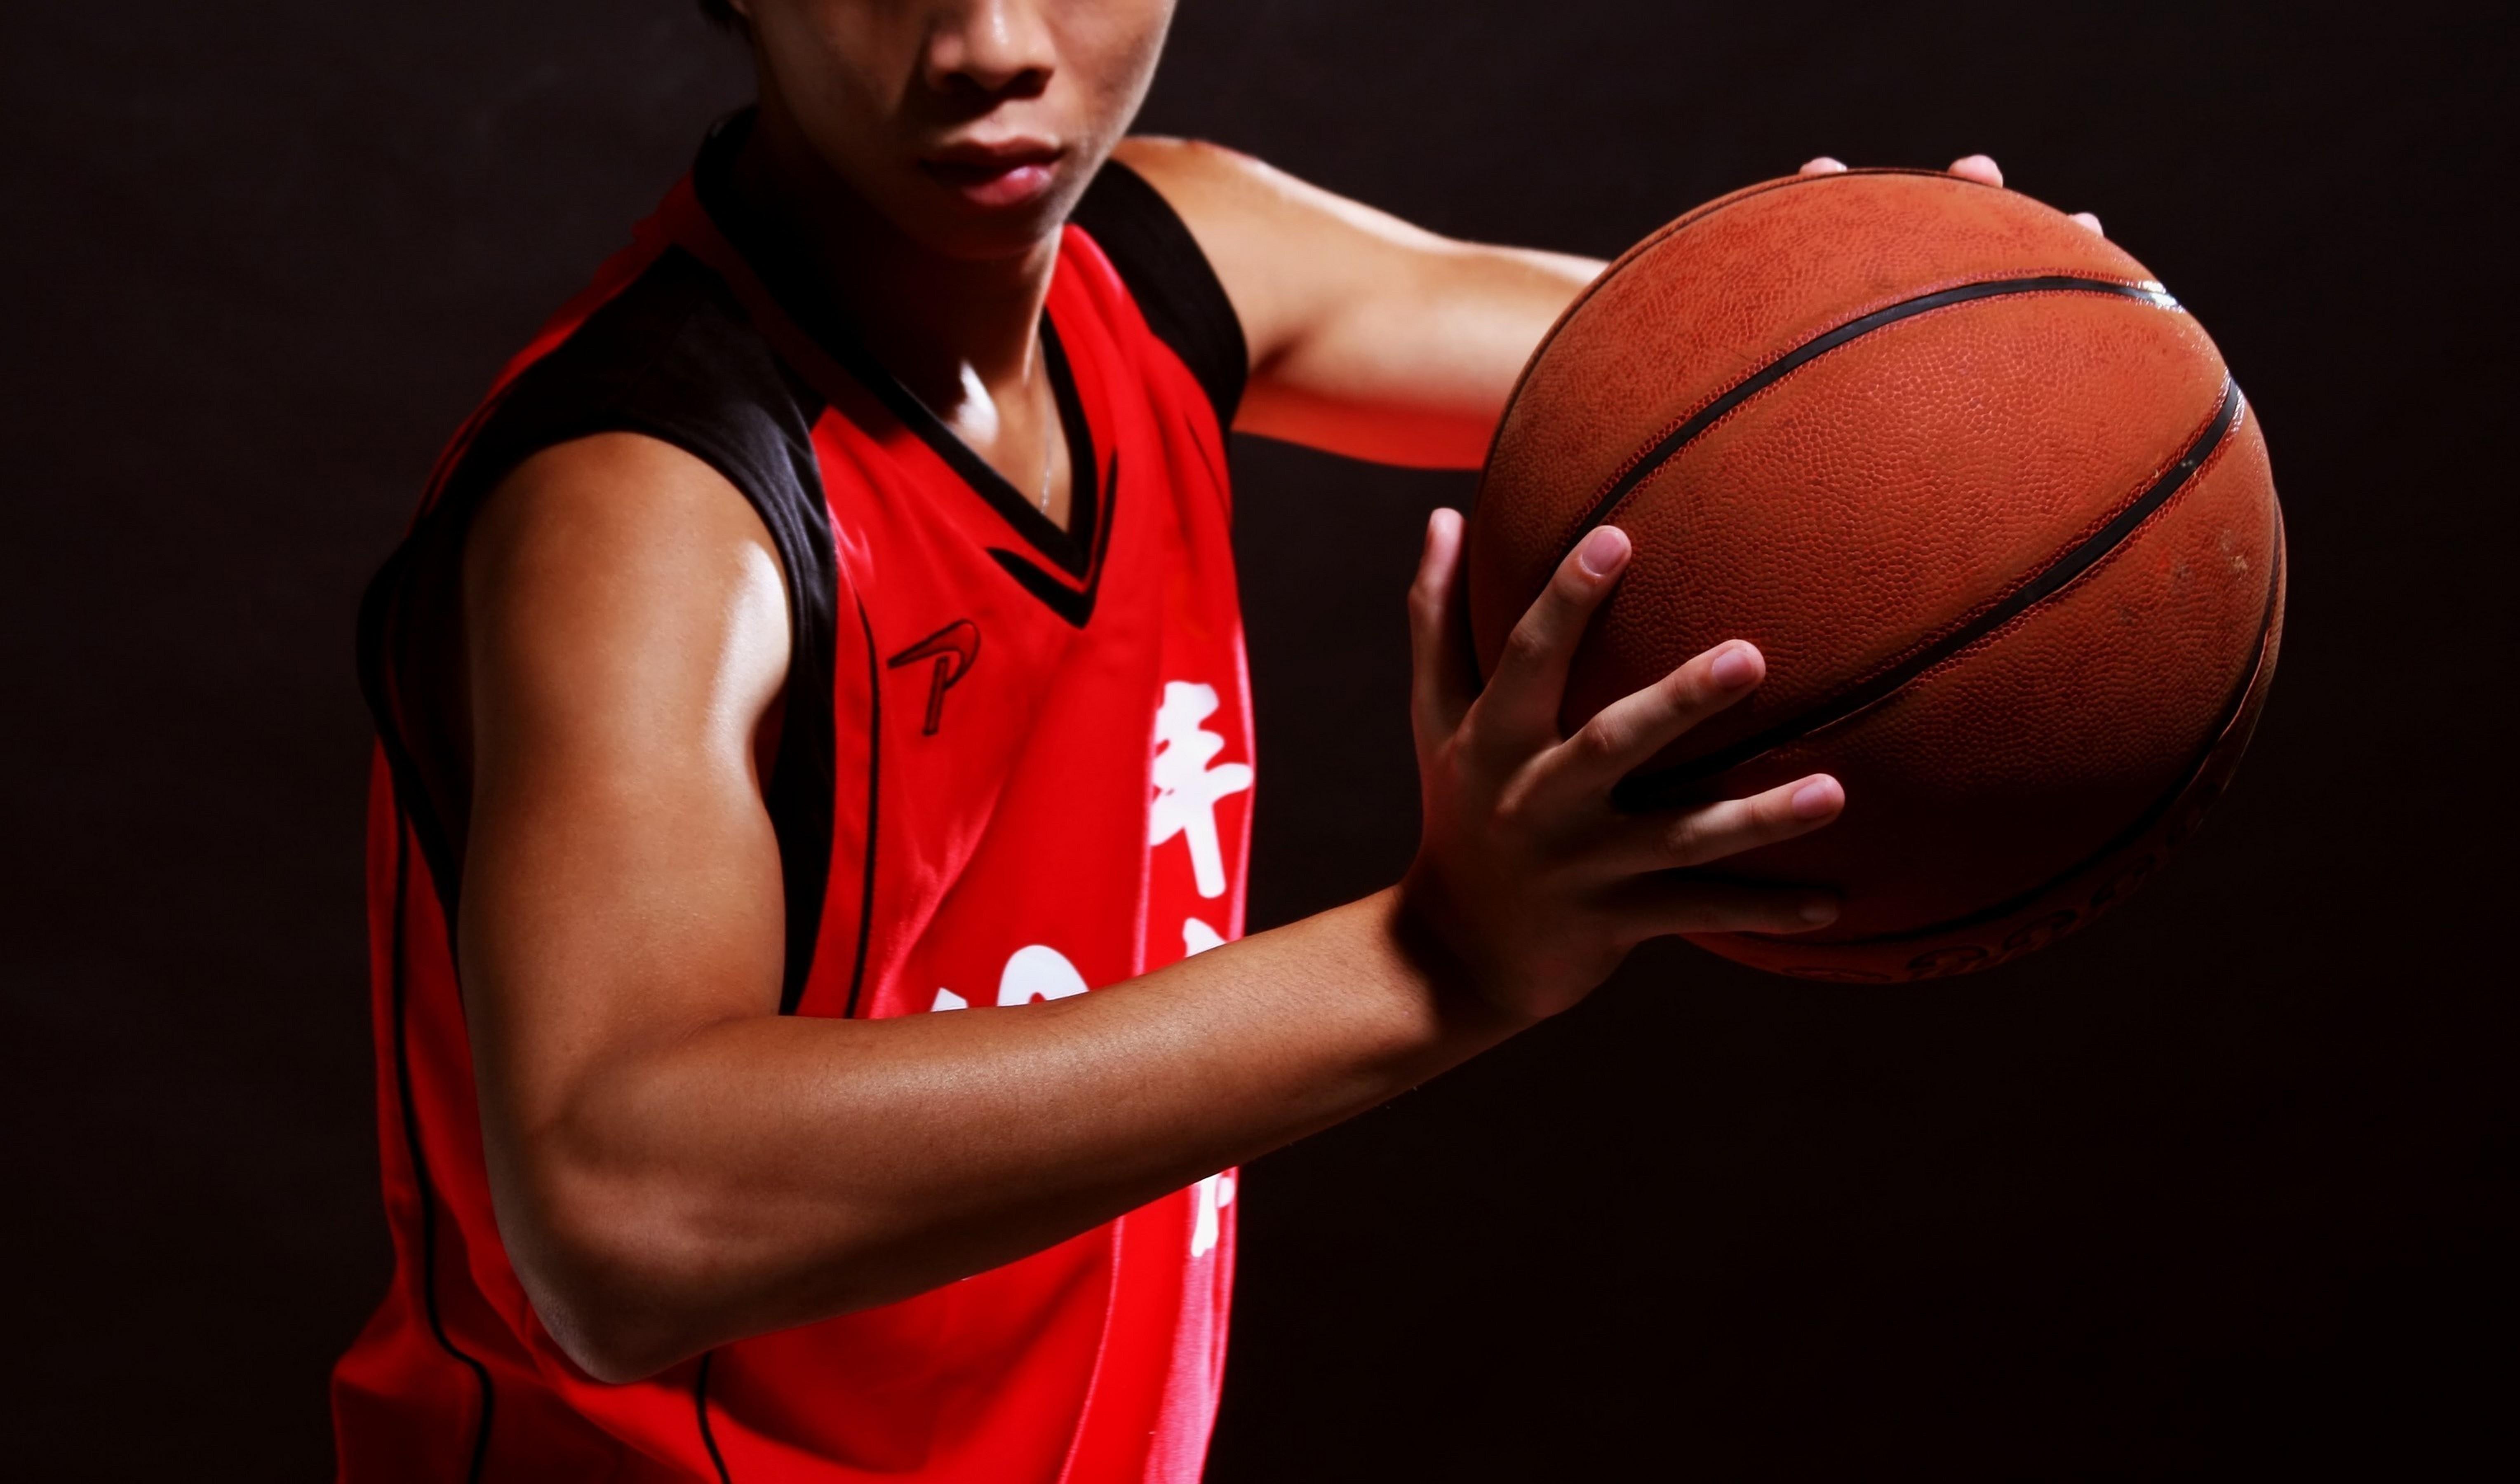 черный парень на баскетболе пожалуйста, какие